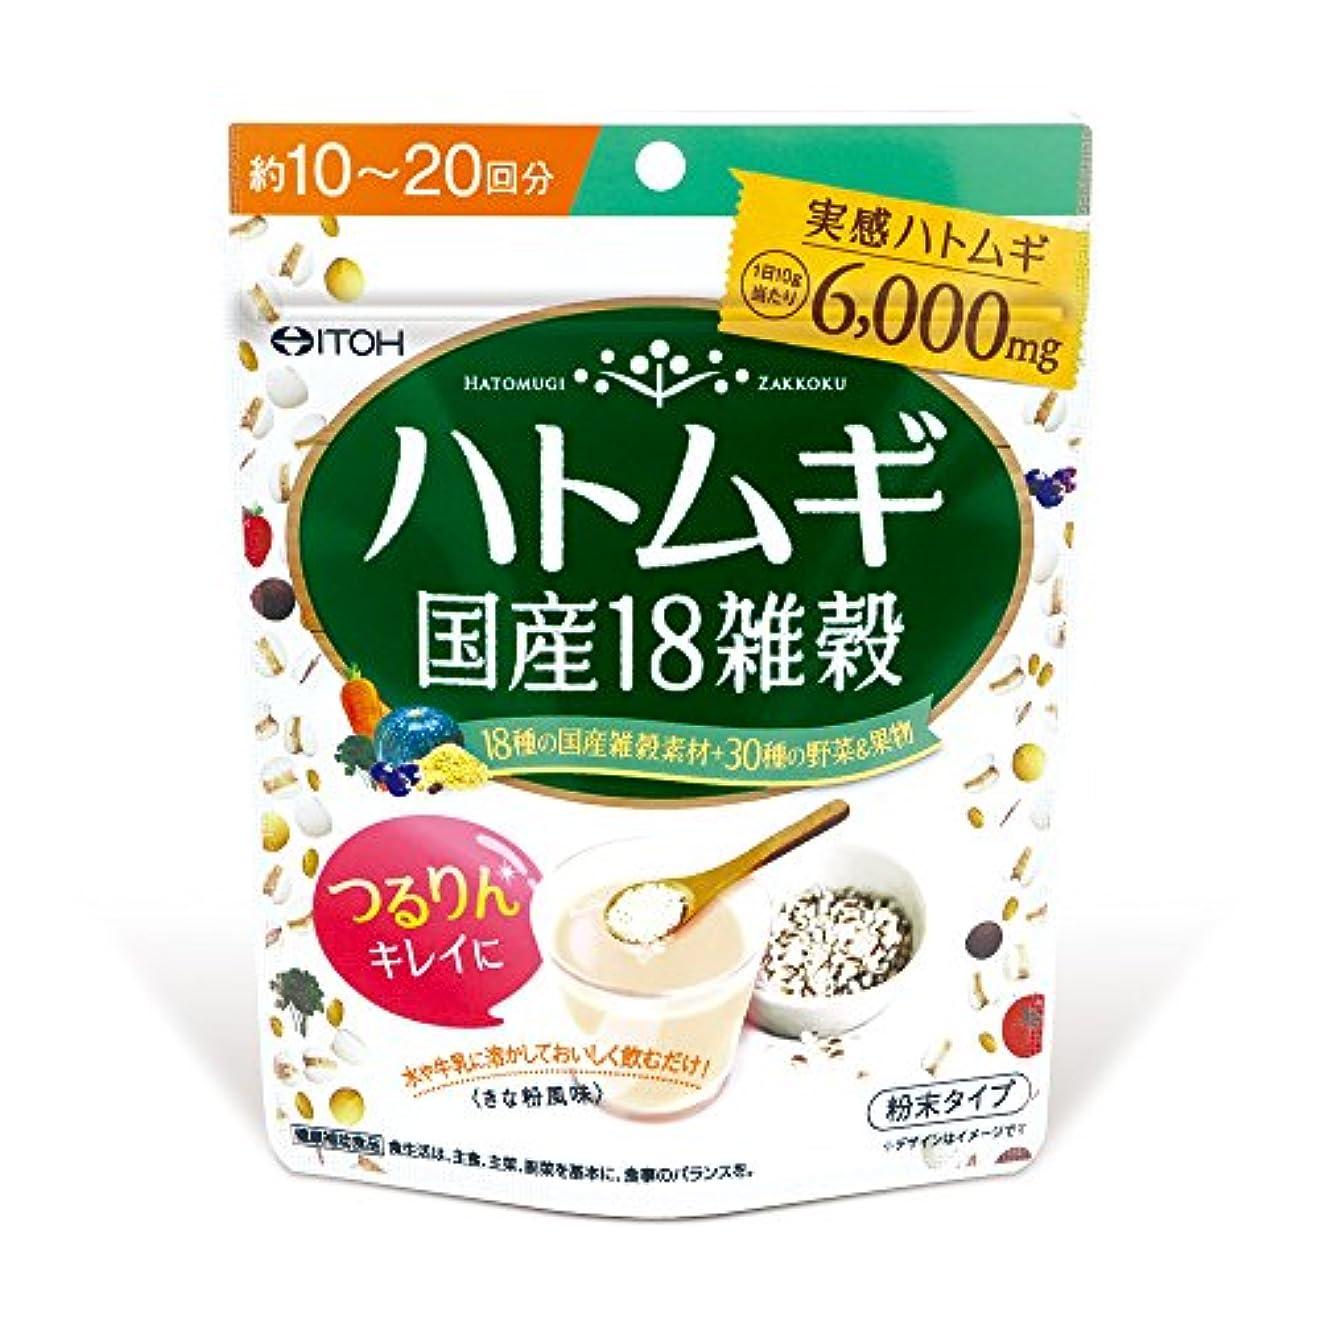 食器棚本質的ではない出血井藤漢方製薬 ハトムギ国産18雑穀 100g